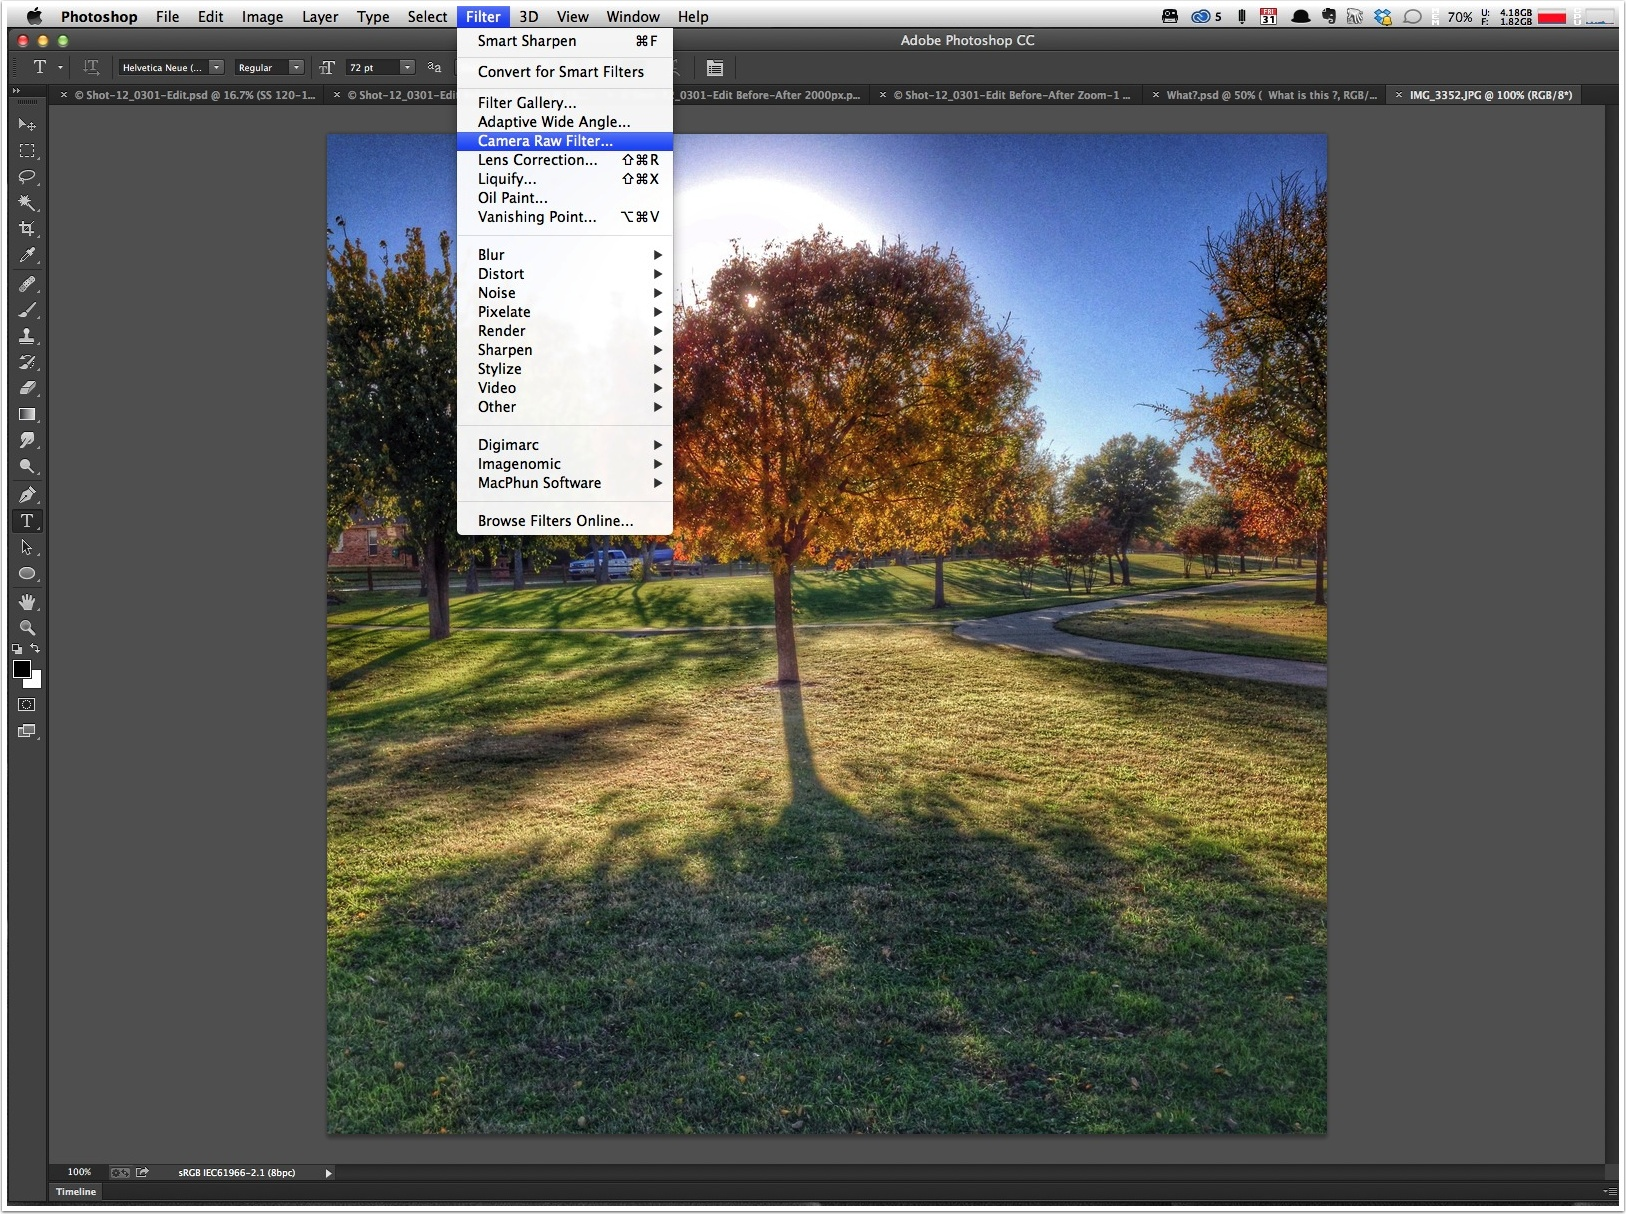 filter-menu---camera-raw-filter.jpg